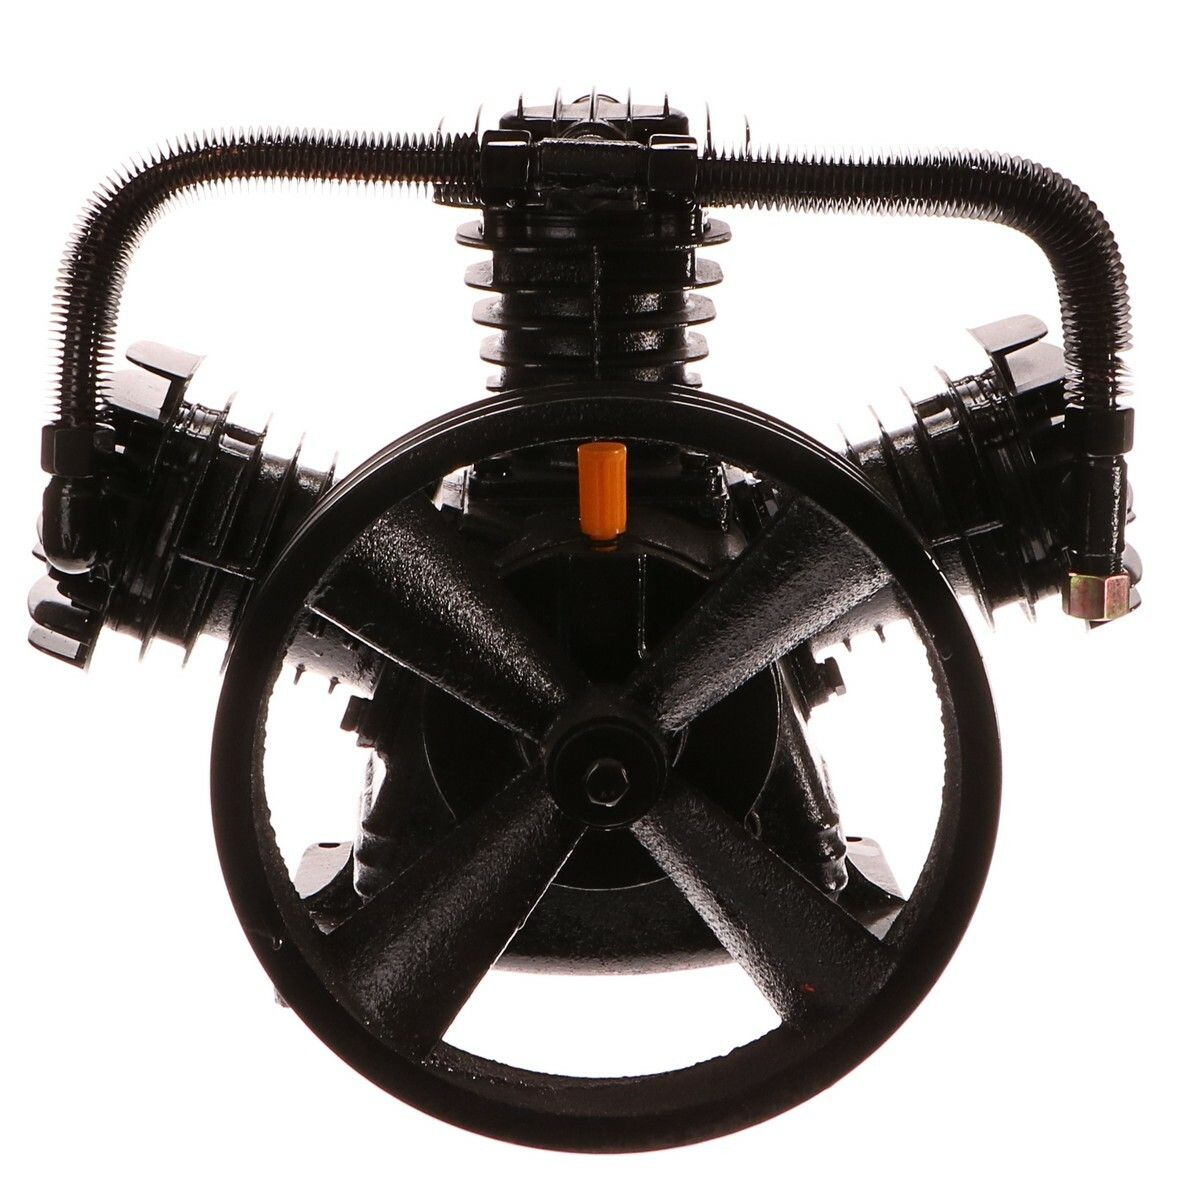 Kompresor do vzduchového kompresoru třípístový, 5,5HP, 100l, GEKO